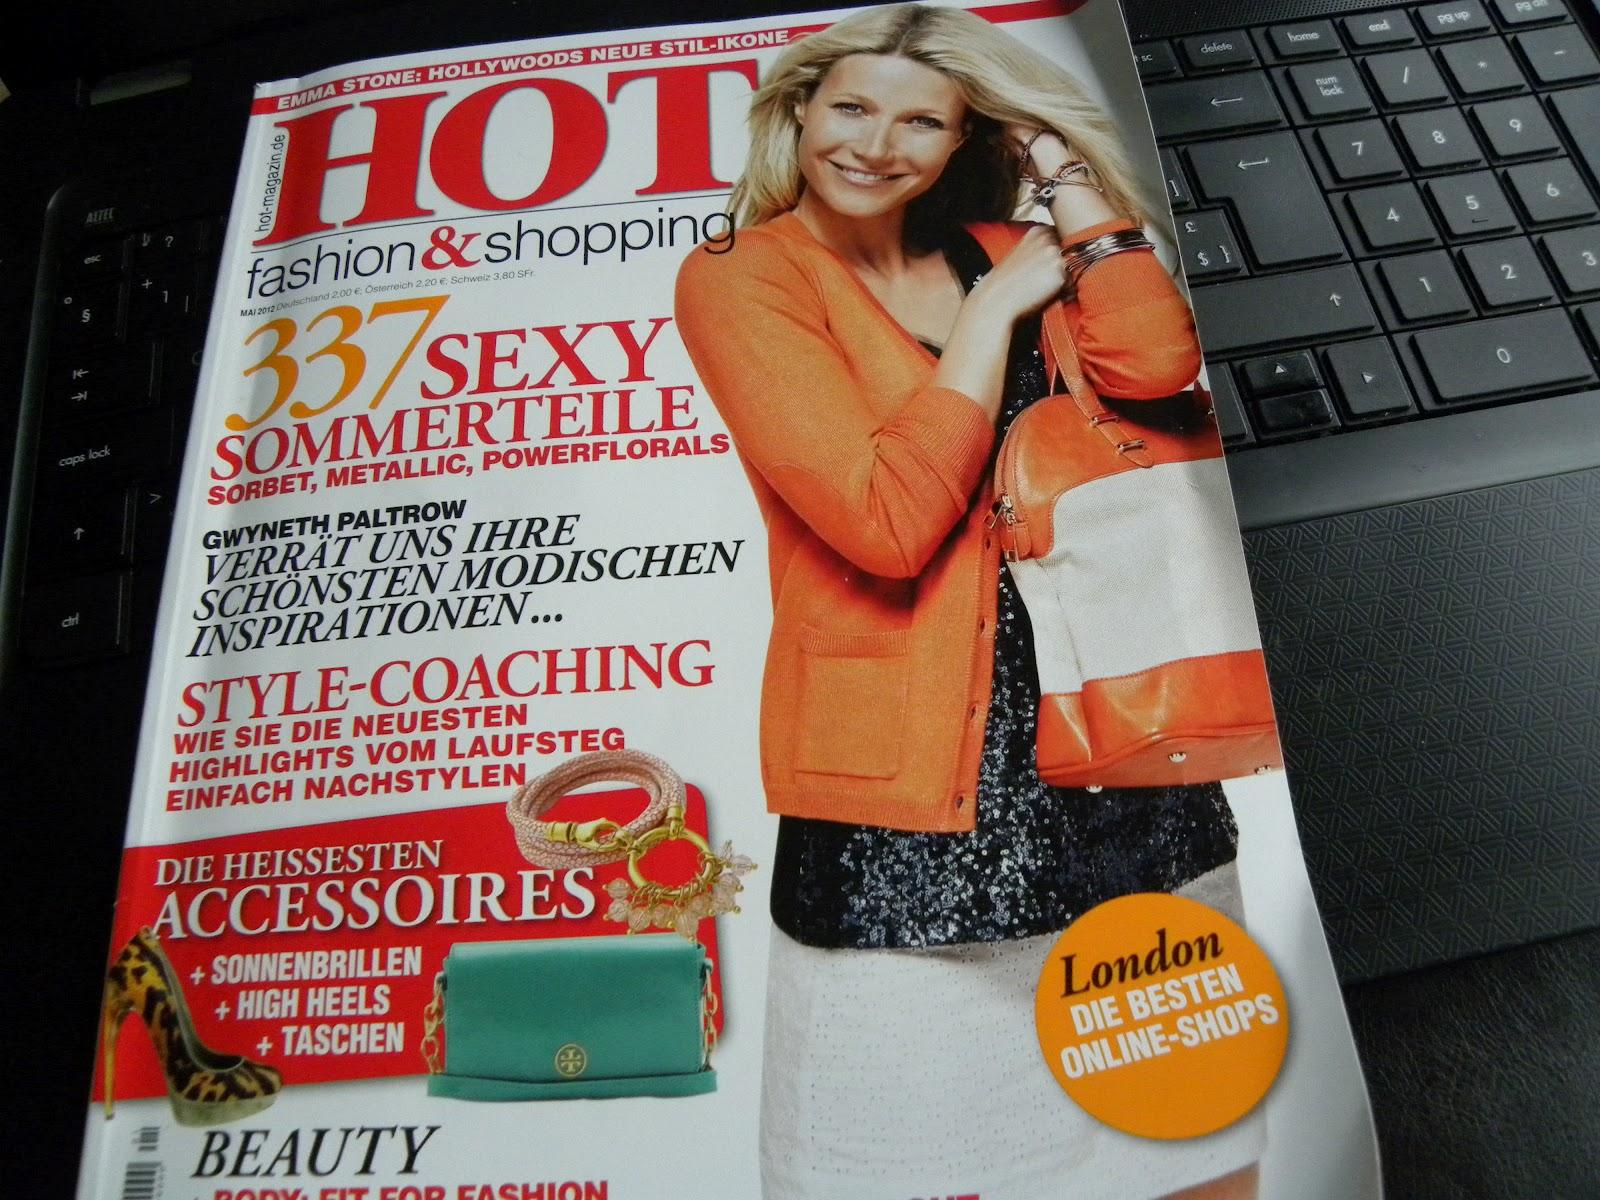 Hot magazin da habe ich doch mal ein tolles neues magazin namens hot